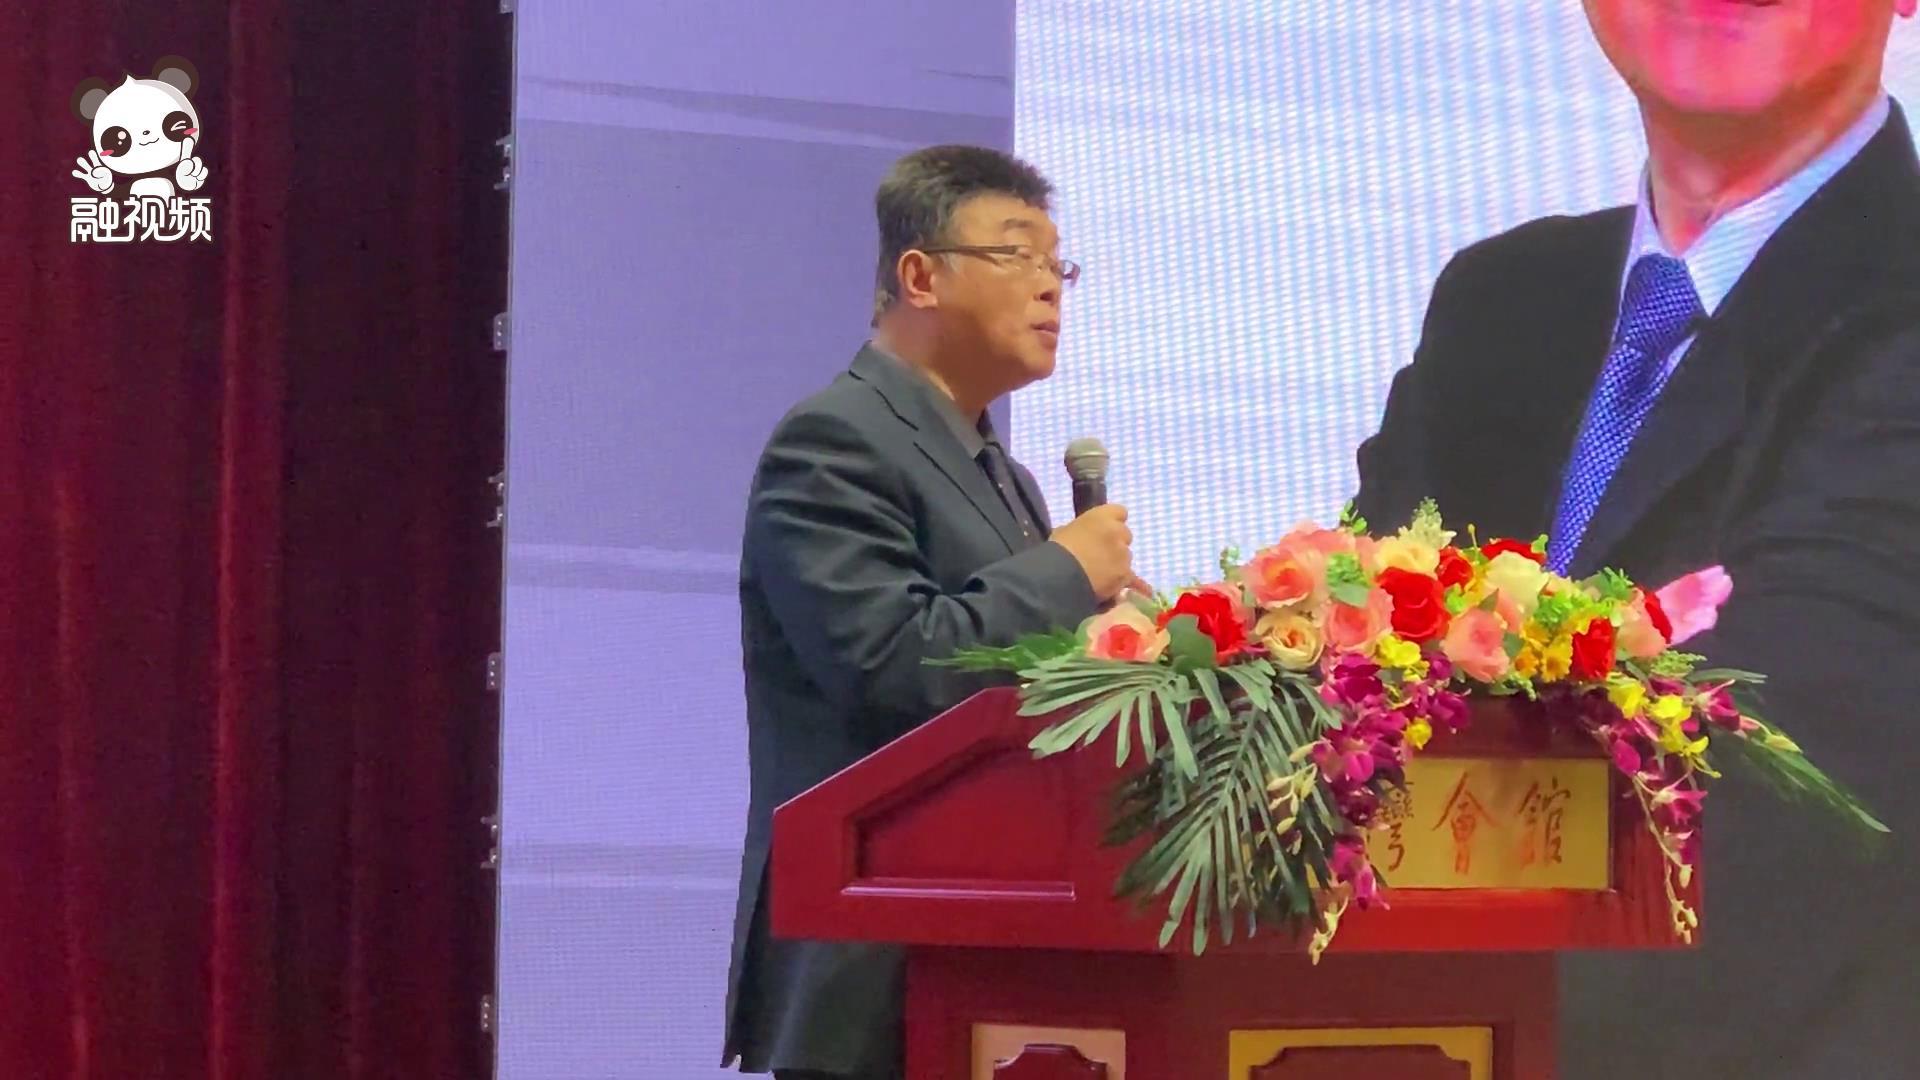 臺灣著名政論家邱毅:兩岸之 間血肉相連、文化相連圖片